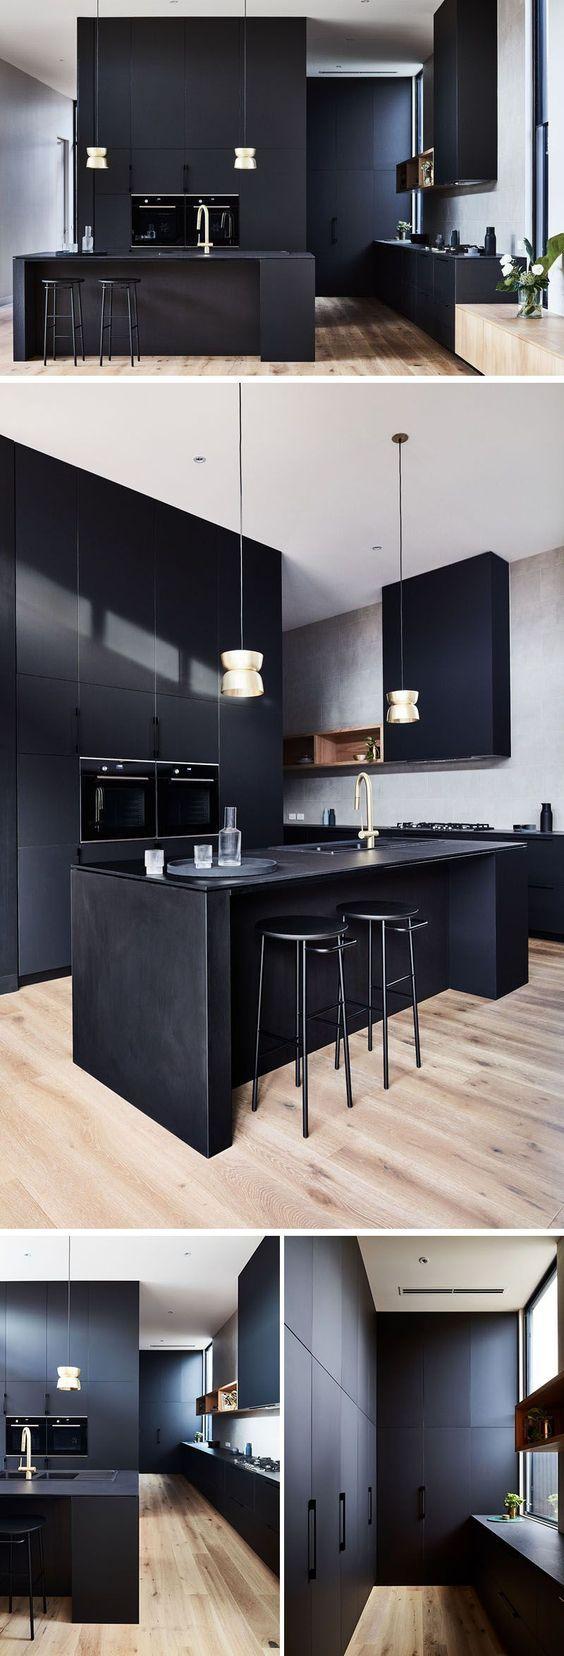 U küchendesignpläne modern  home sweet home  pinterest  küchen ideen design und